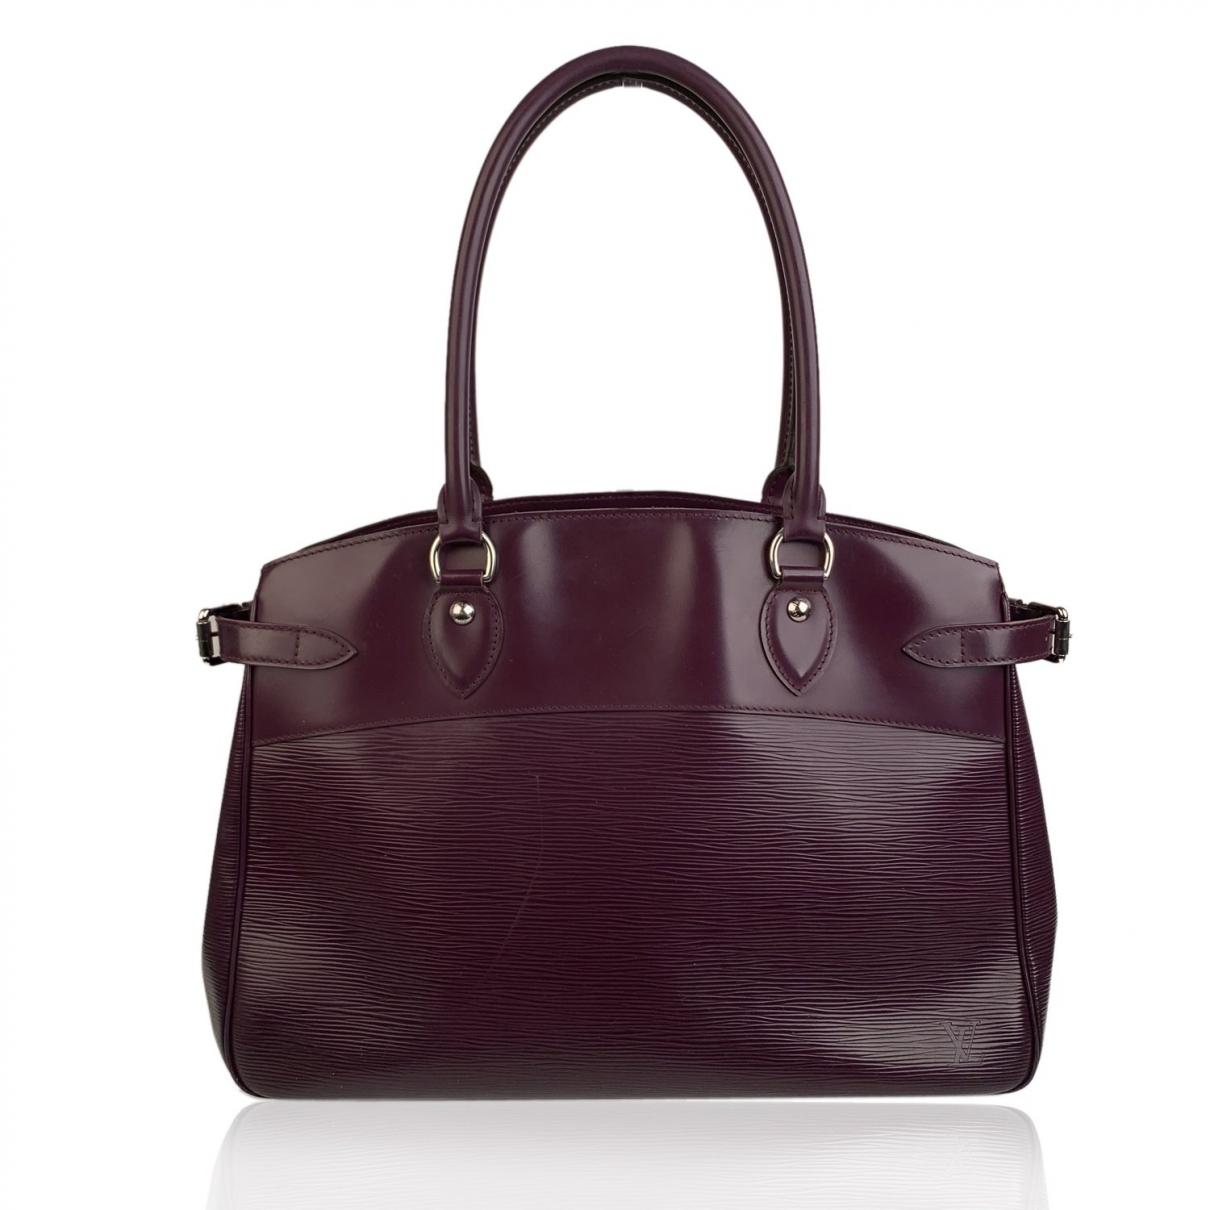 Louis Vuitton - Sac a main Passy pour femme en cuir - violet